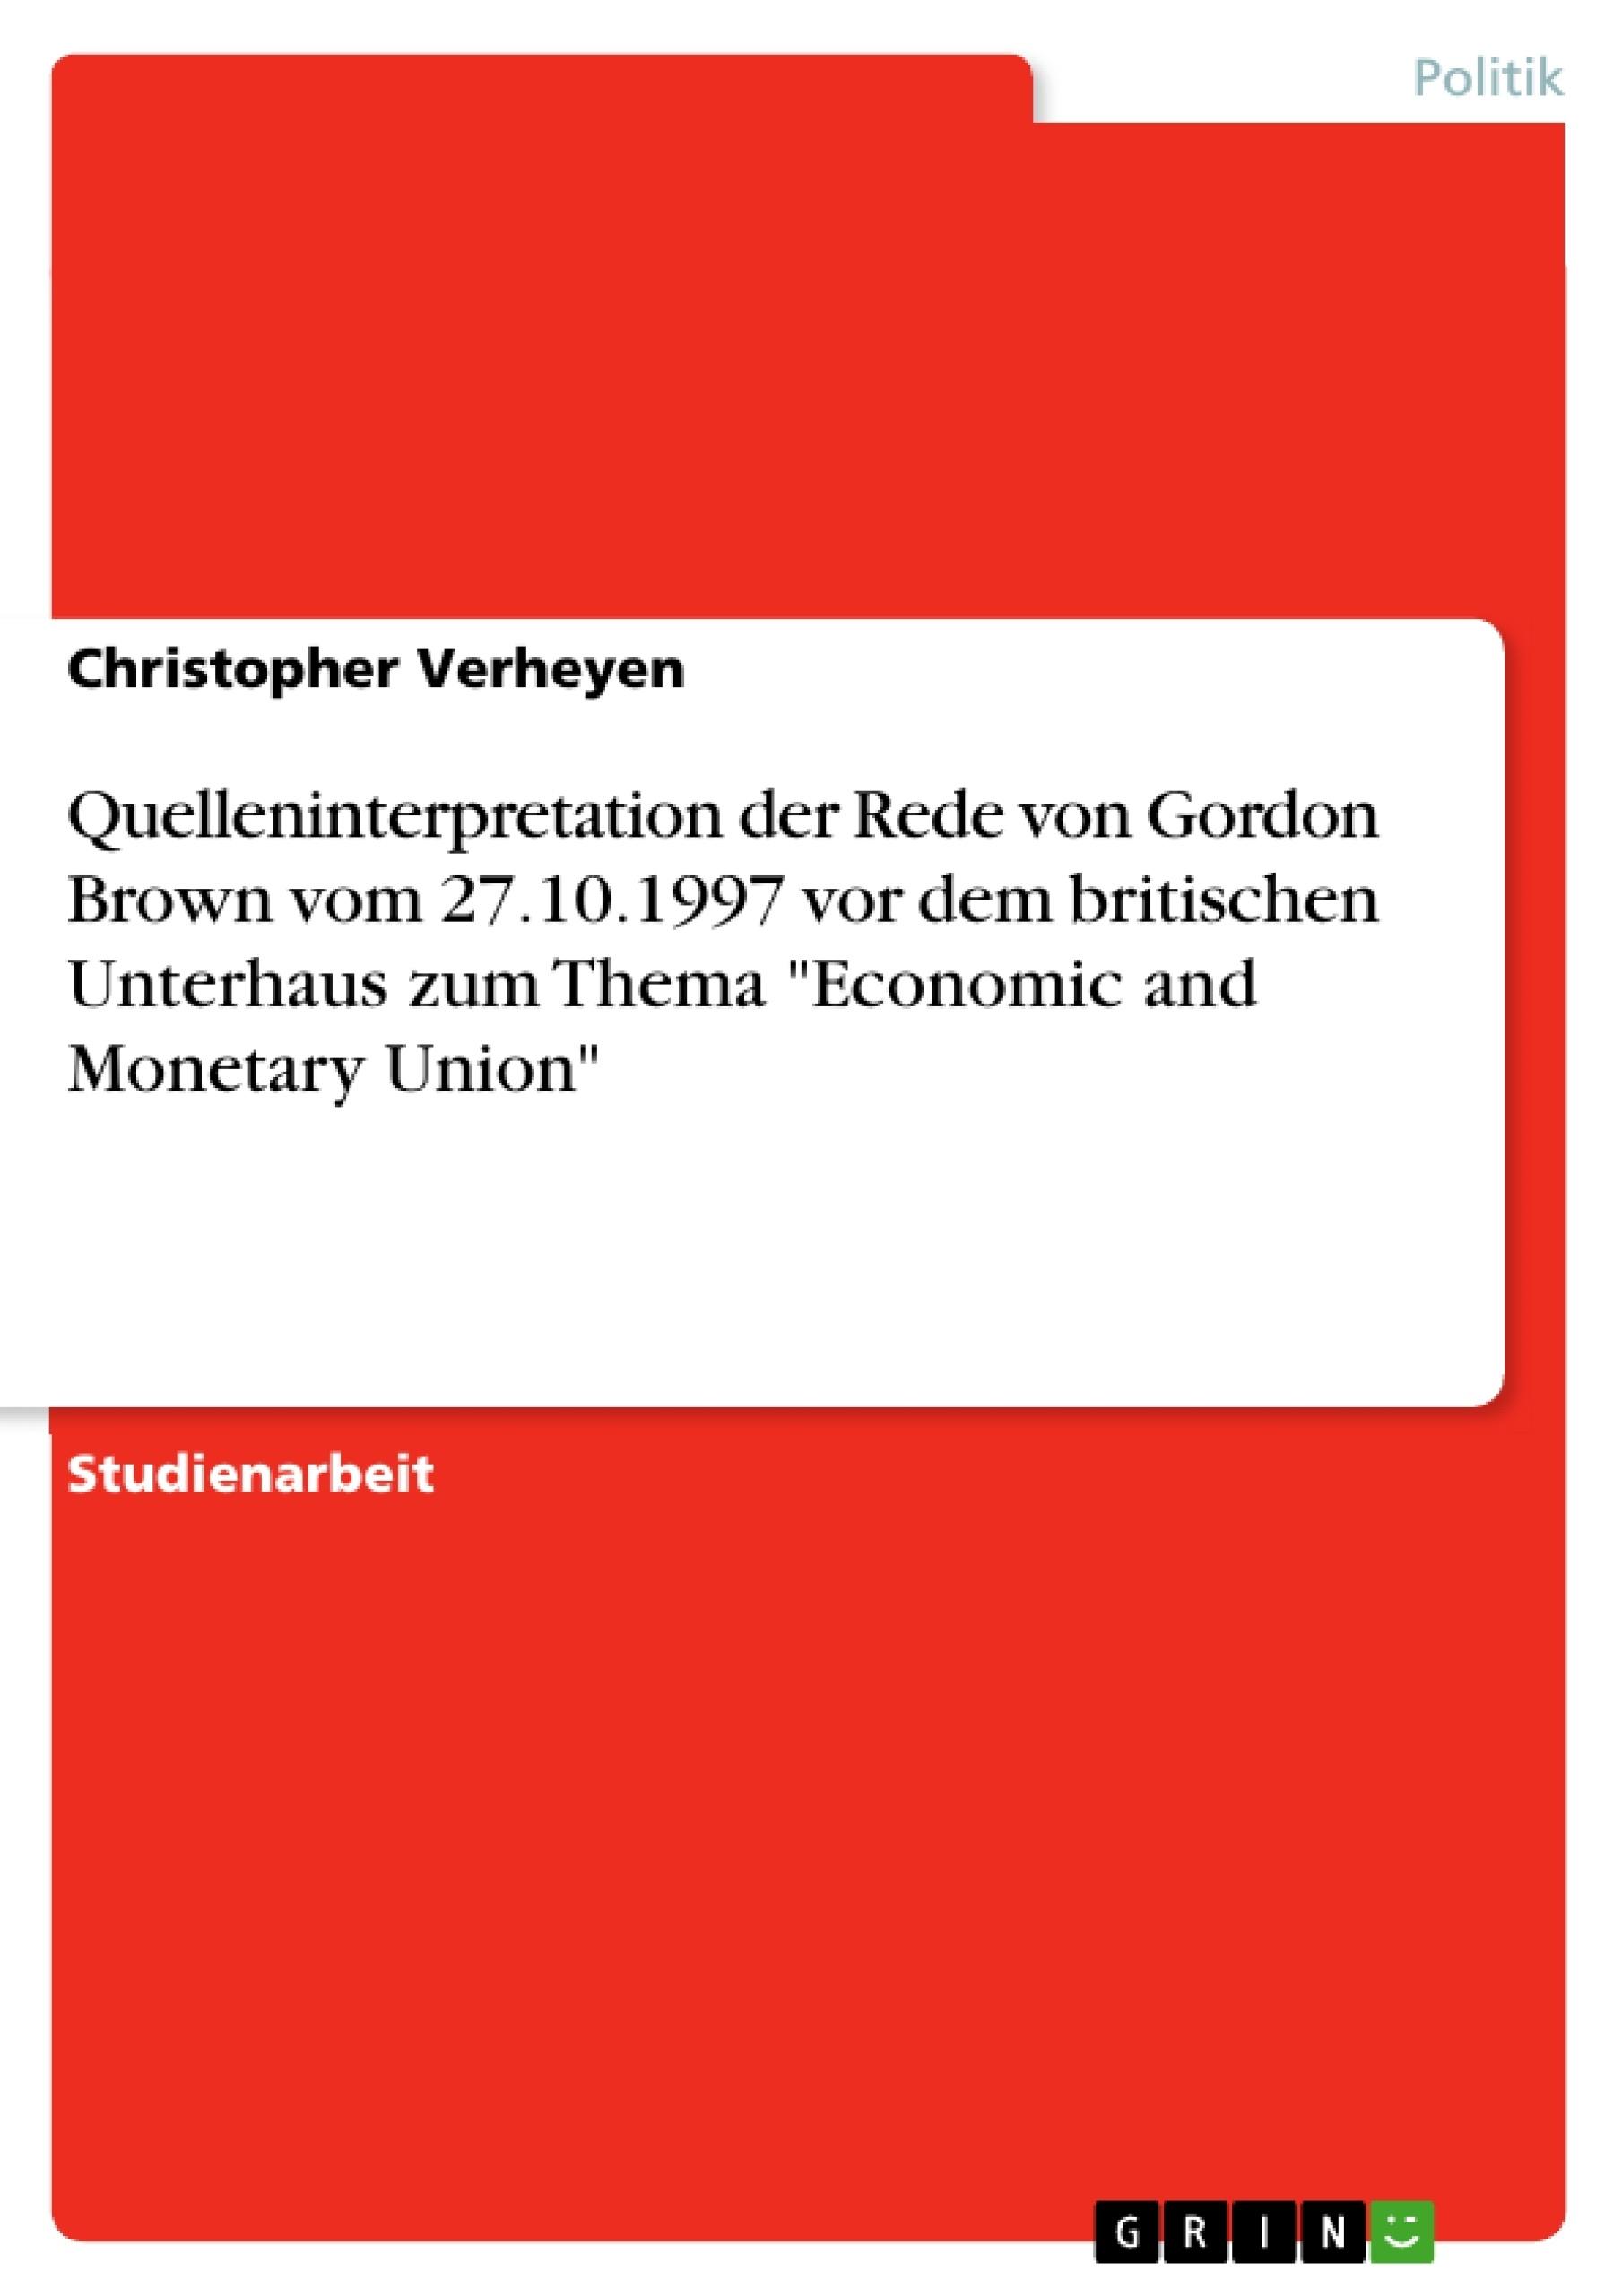 """Titel: Quelleninterpretation der Rede von Gordon Brown vom 27.10.1997 vor dem britischen Unterhaus zum Thema """"Economic and Monetary Union"""""""